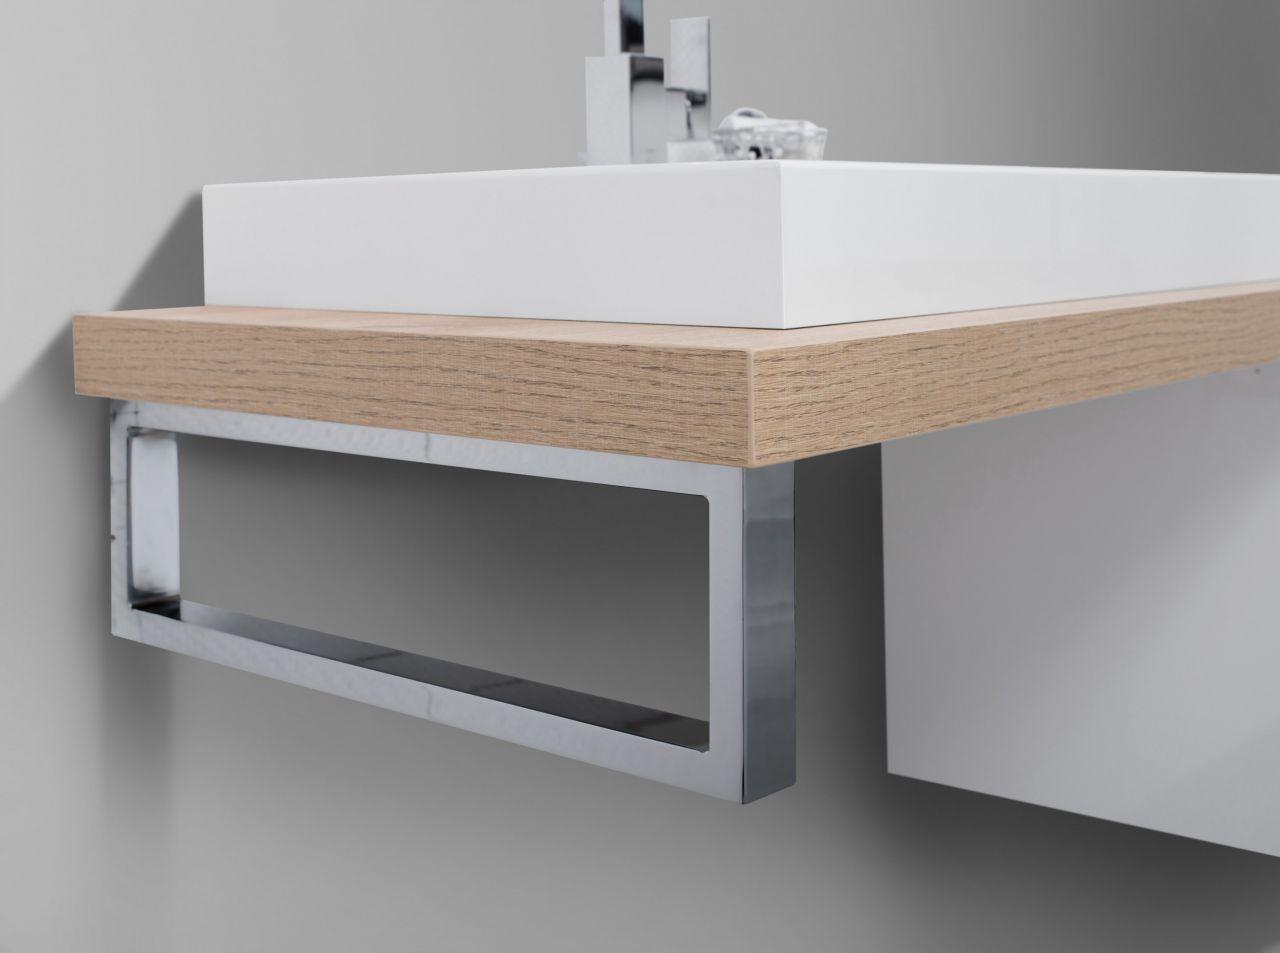 design badezimmer set mit waschbecken und waschtischplatte nach ma in anthrazit ebay. Black Bedroom Furniture Sets. Home Design Ideas